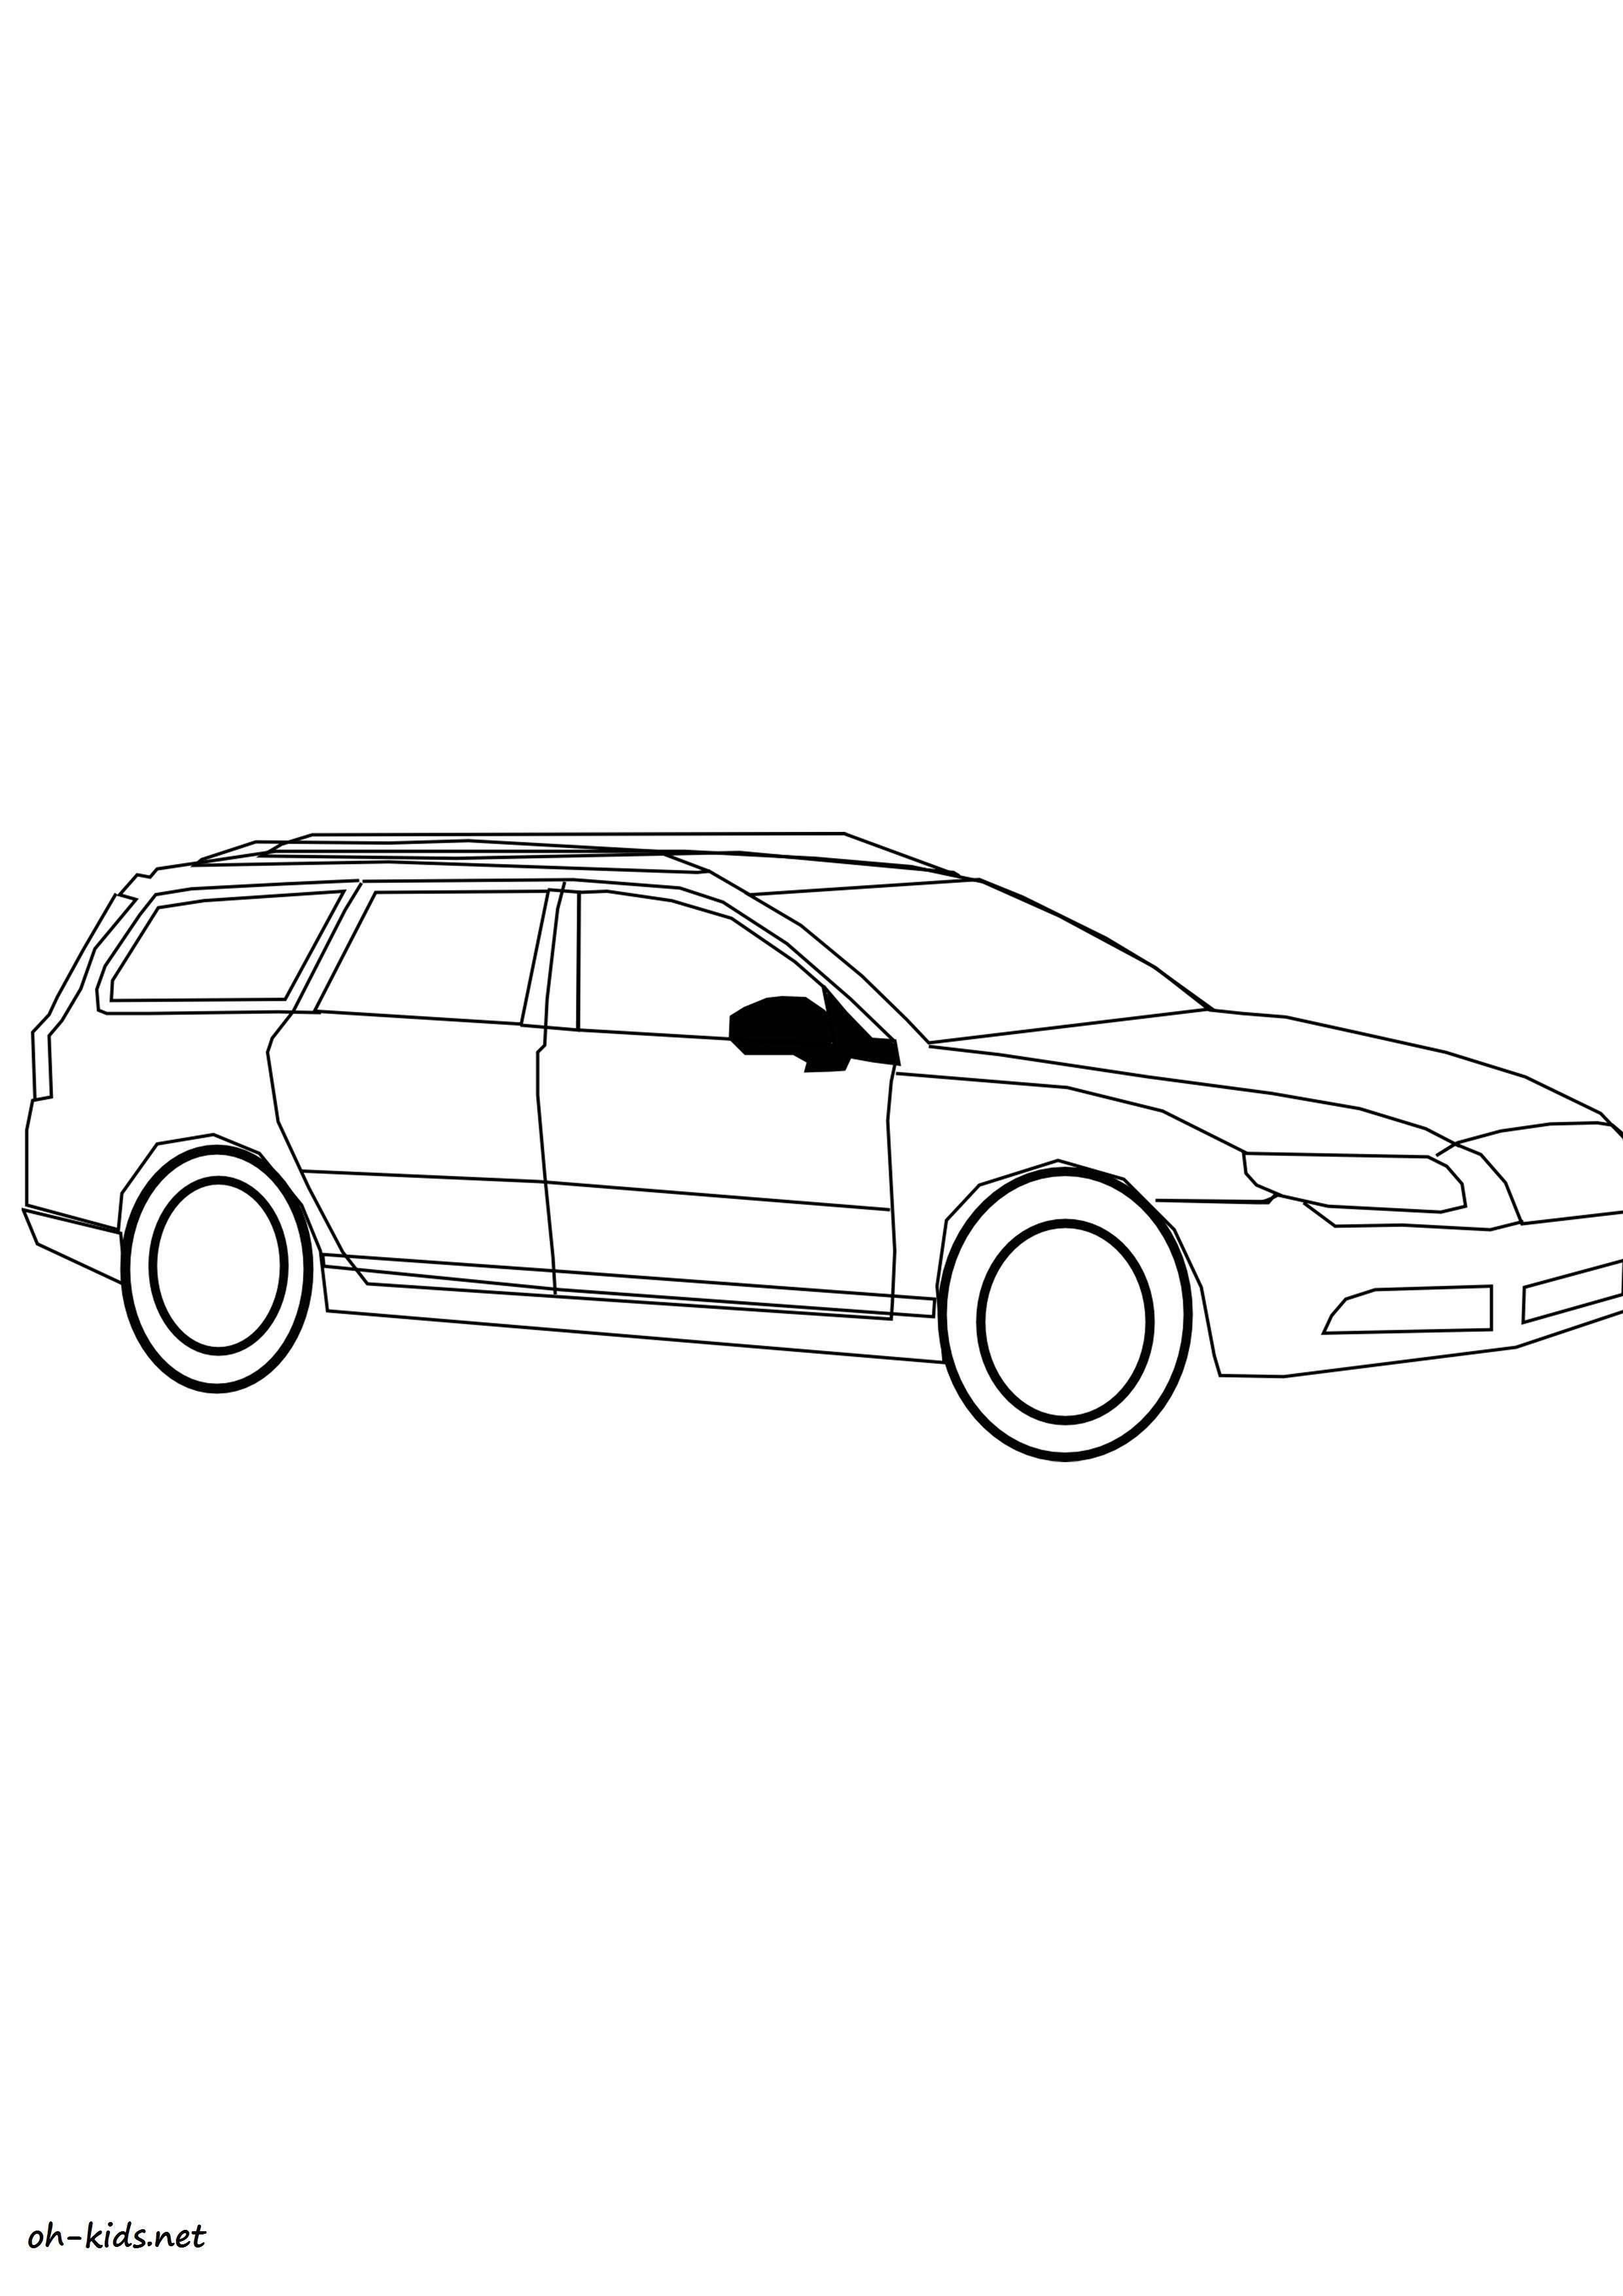 activité de coloriage automobile gratuit a imprimer et colorier - Dessin #1429